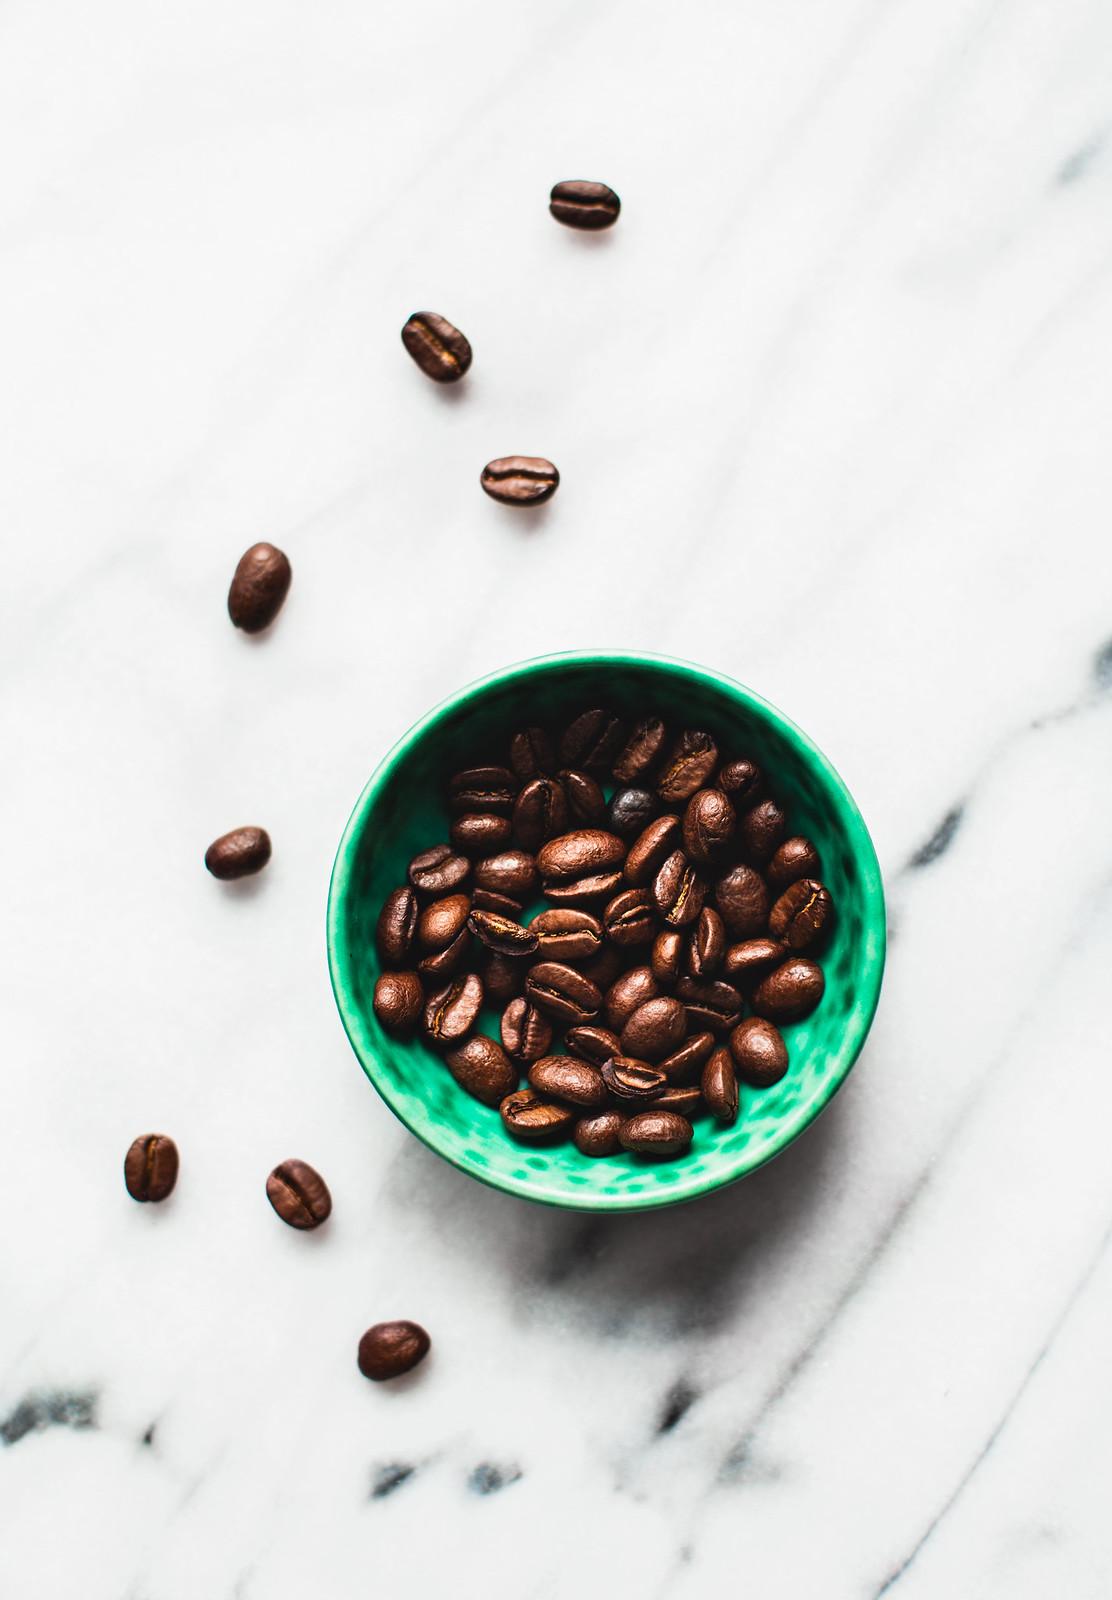 AMIGAS - Nytt kaffe från Arvid Nordquist - KarinEvelina.se